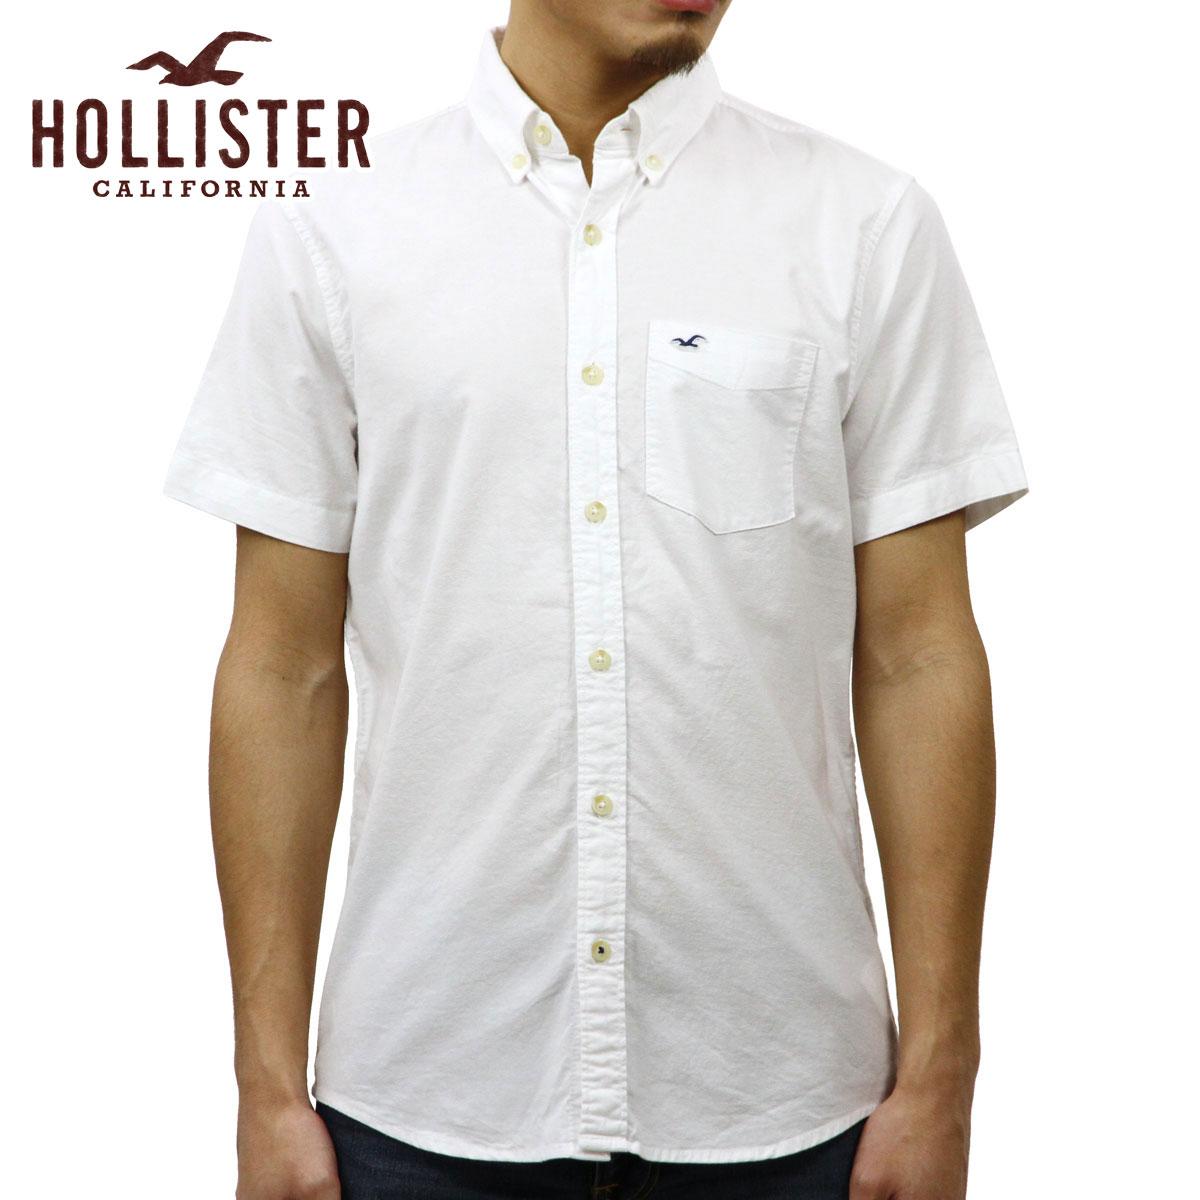 947590e5946 Hori star HOLLISTER regular article men short sleeves button-down shirt  BUTTON DOWN S-SHIRT 325-253-275-100